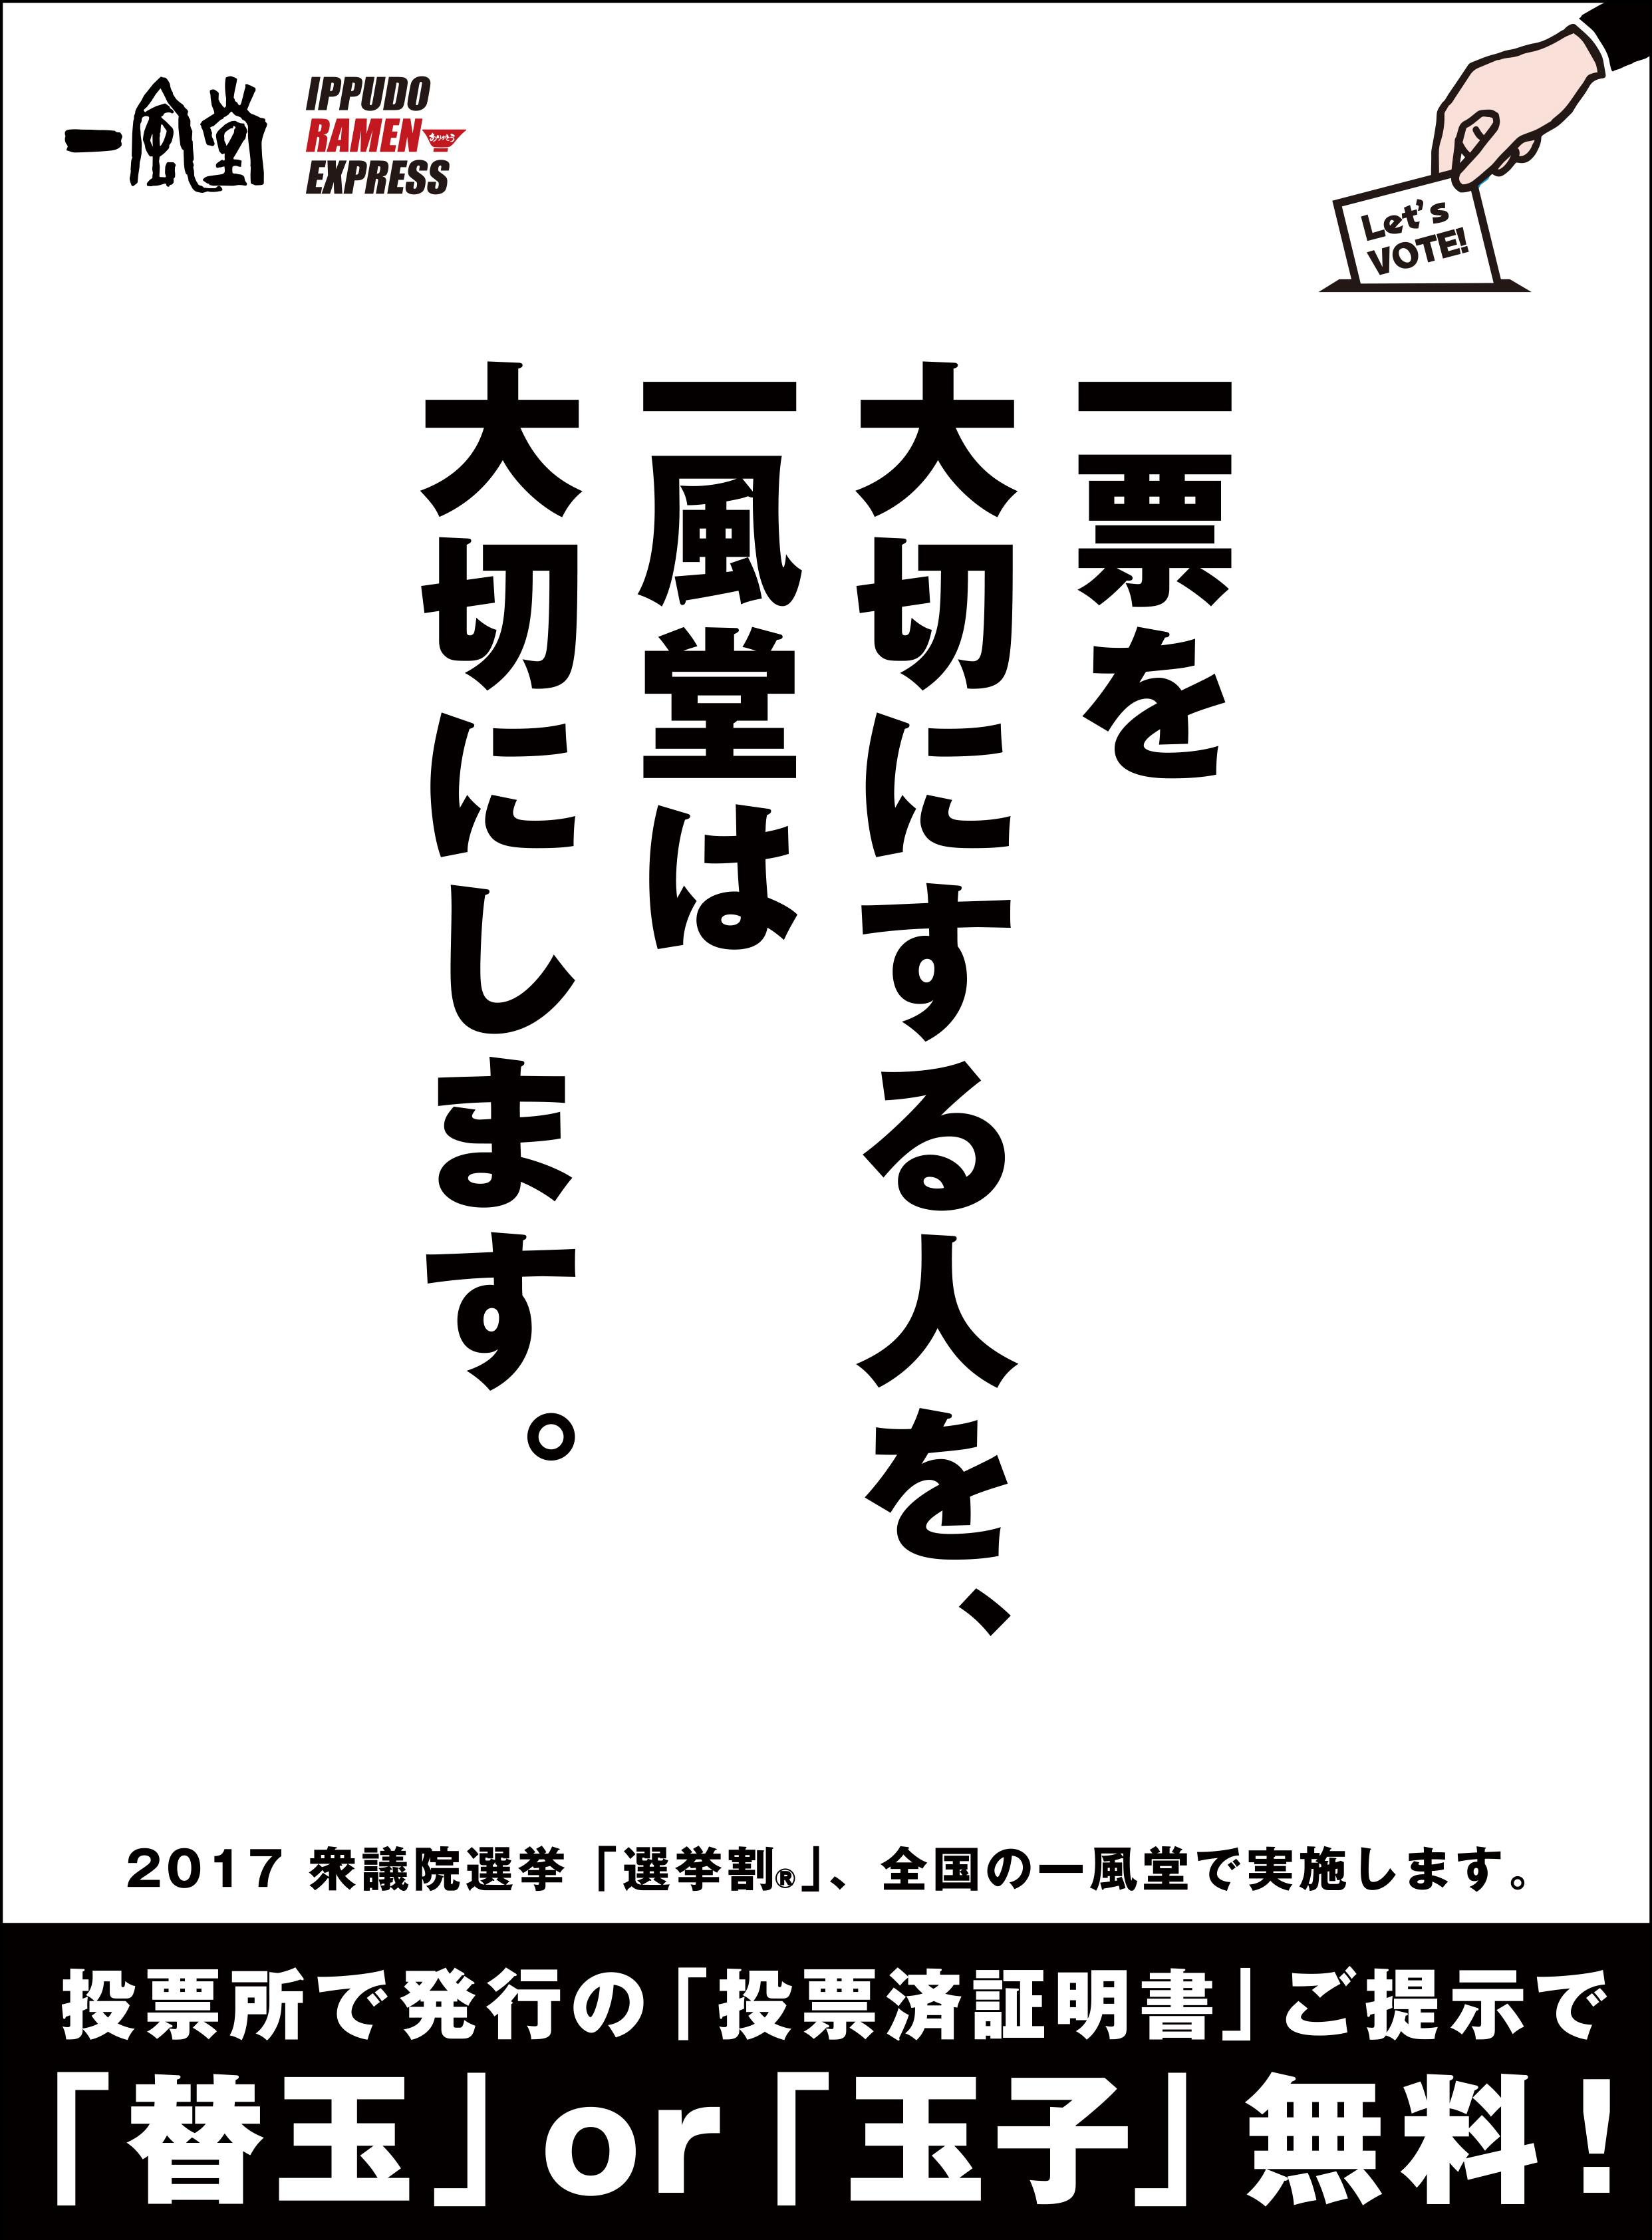 171016_驕ク謖吝牡繝昴せ繧ソ繝シ_A4